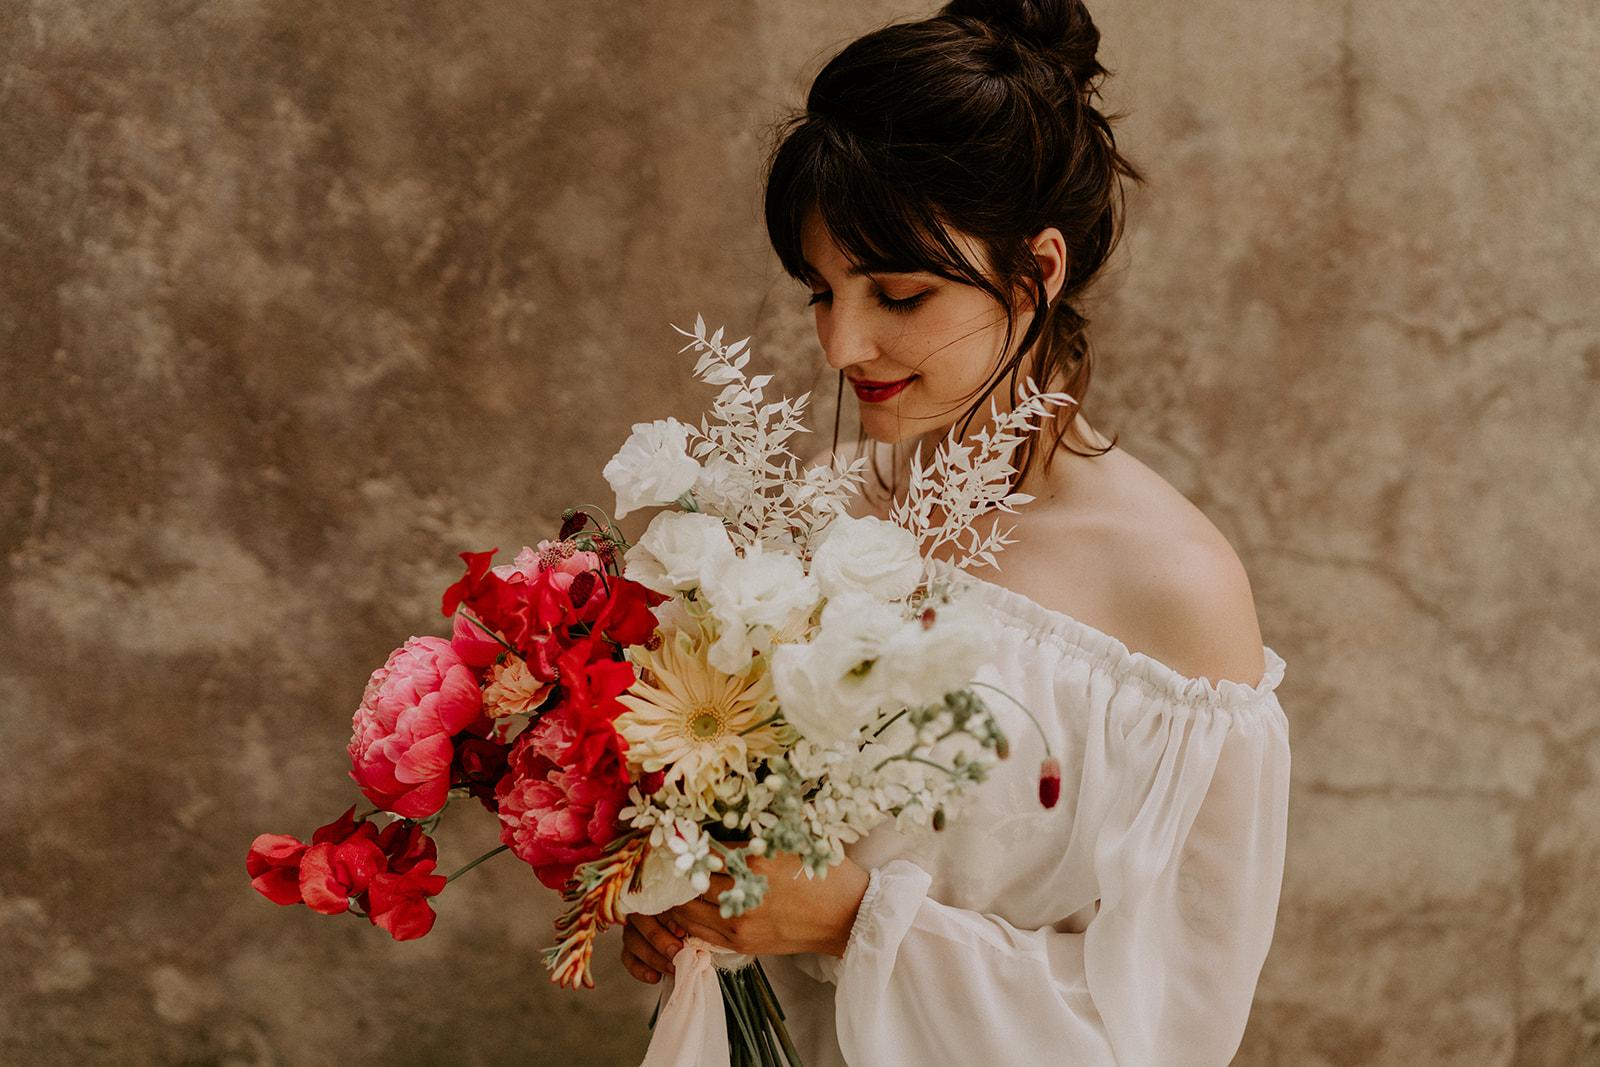 robe de mariee dentelle blanche bouquet de la mariee dolce vita